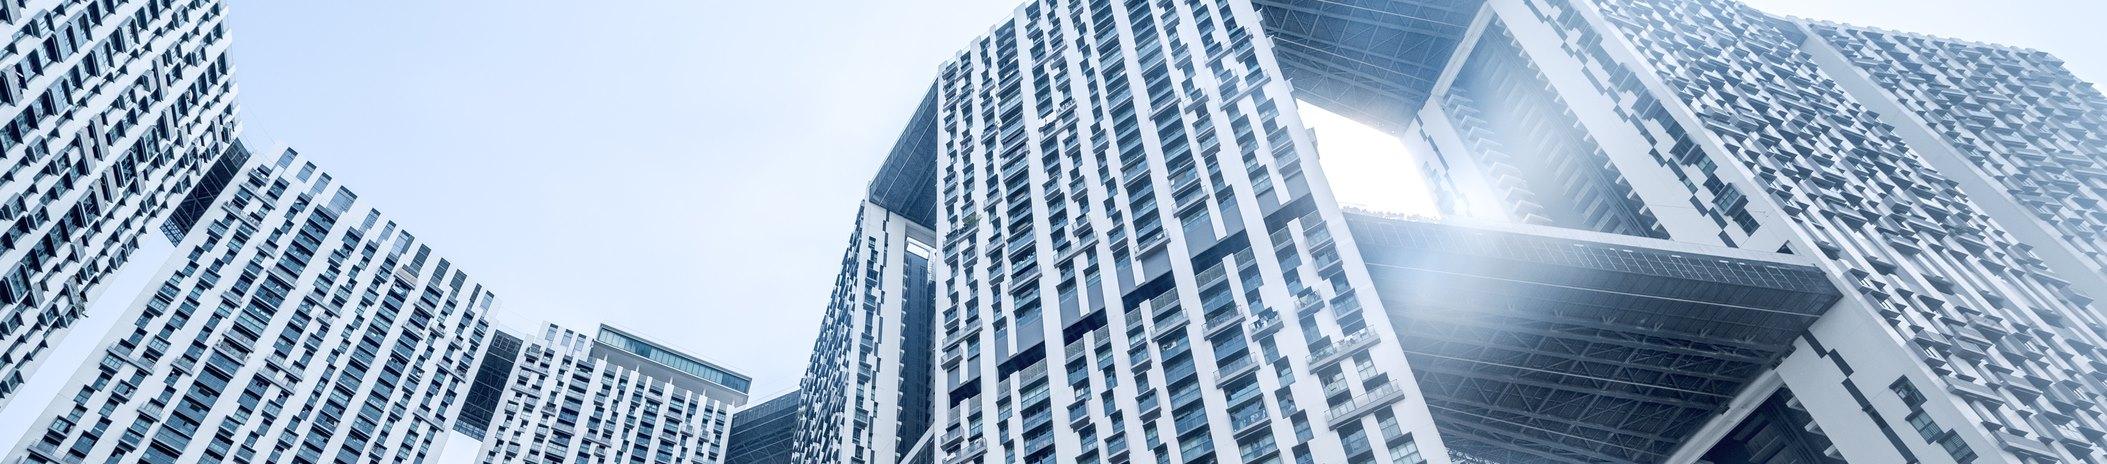 Apartments Blocks in Singapore